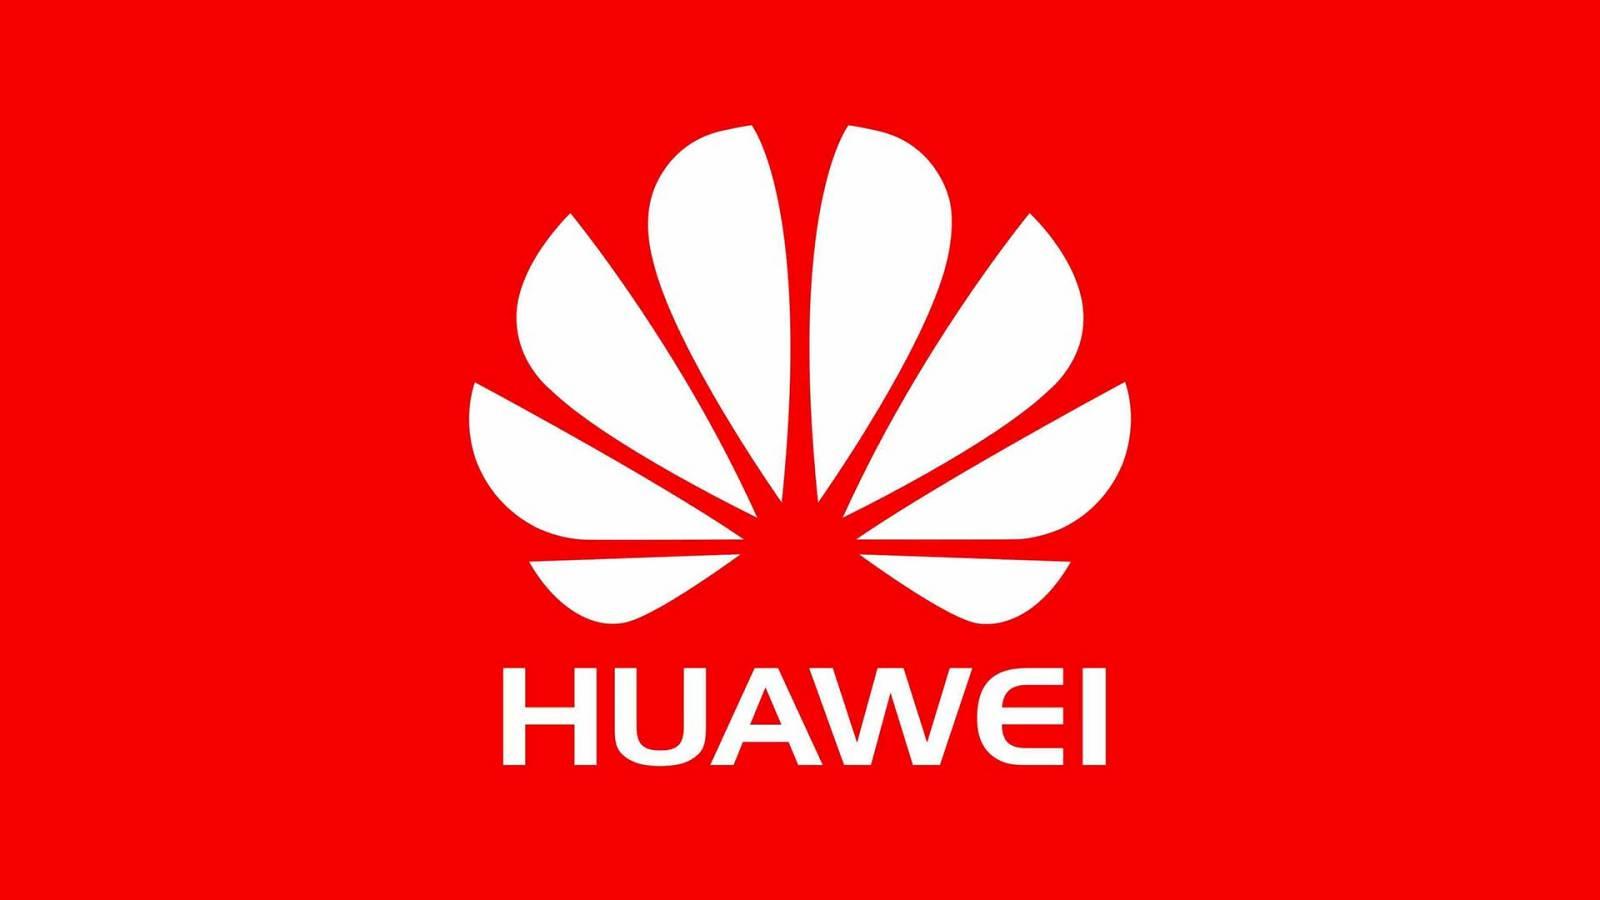 Huawei ultra